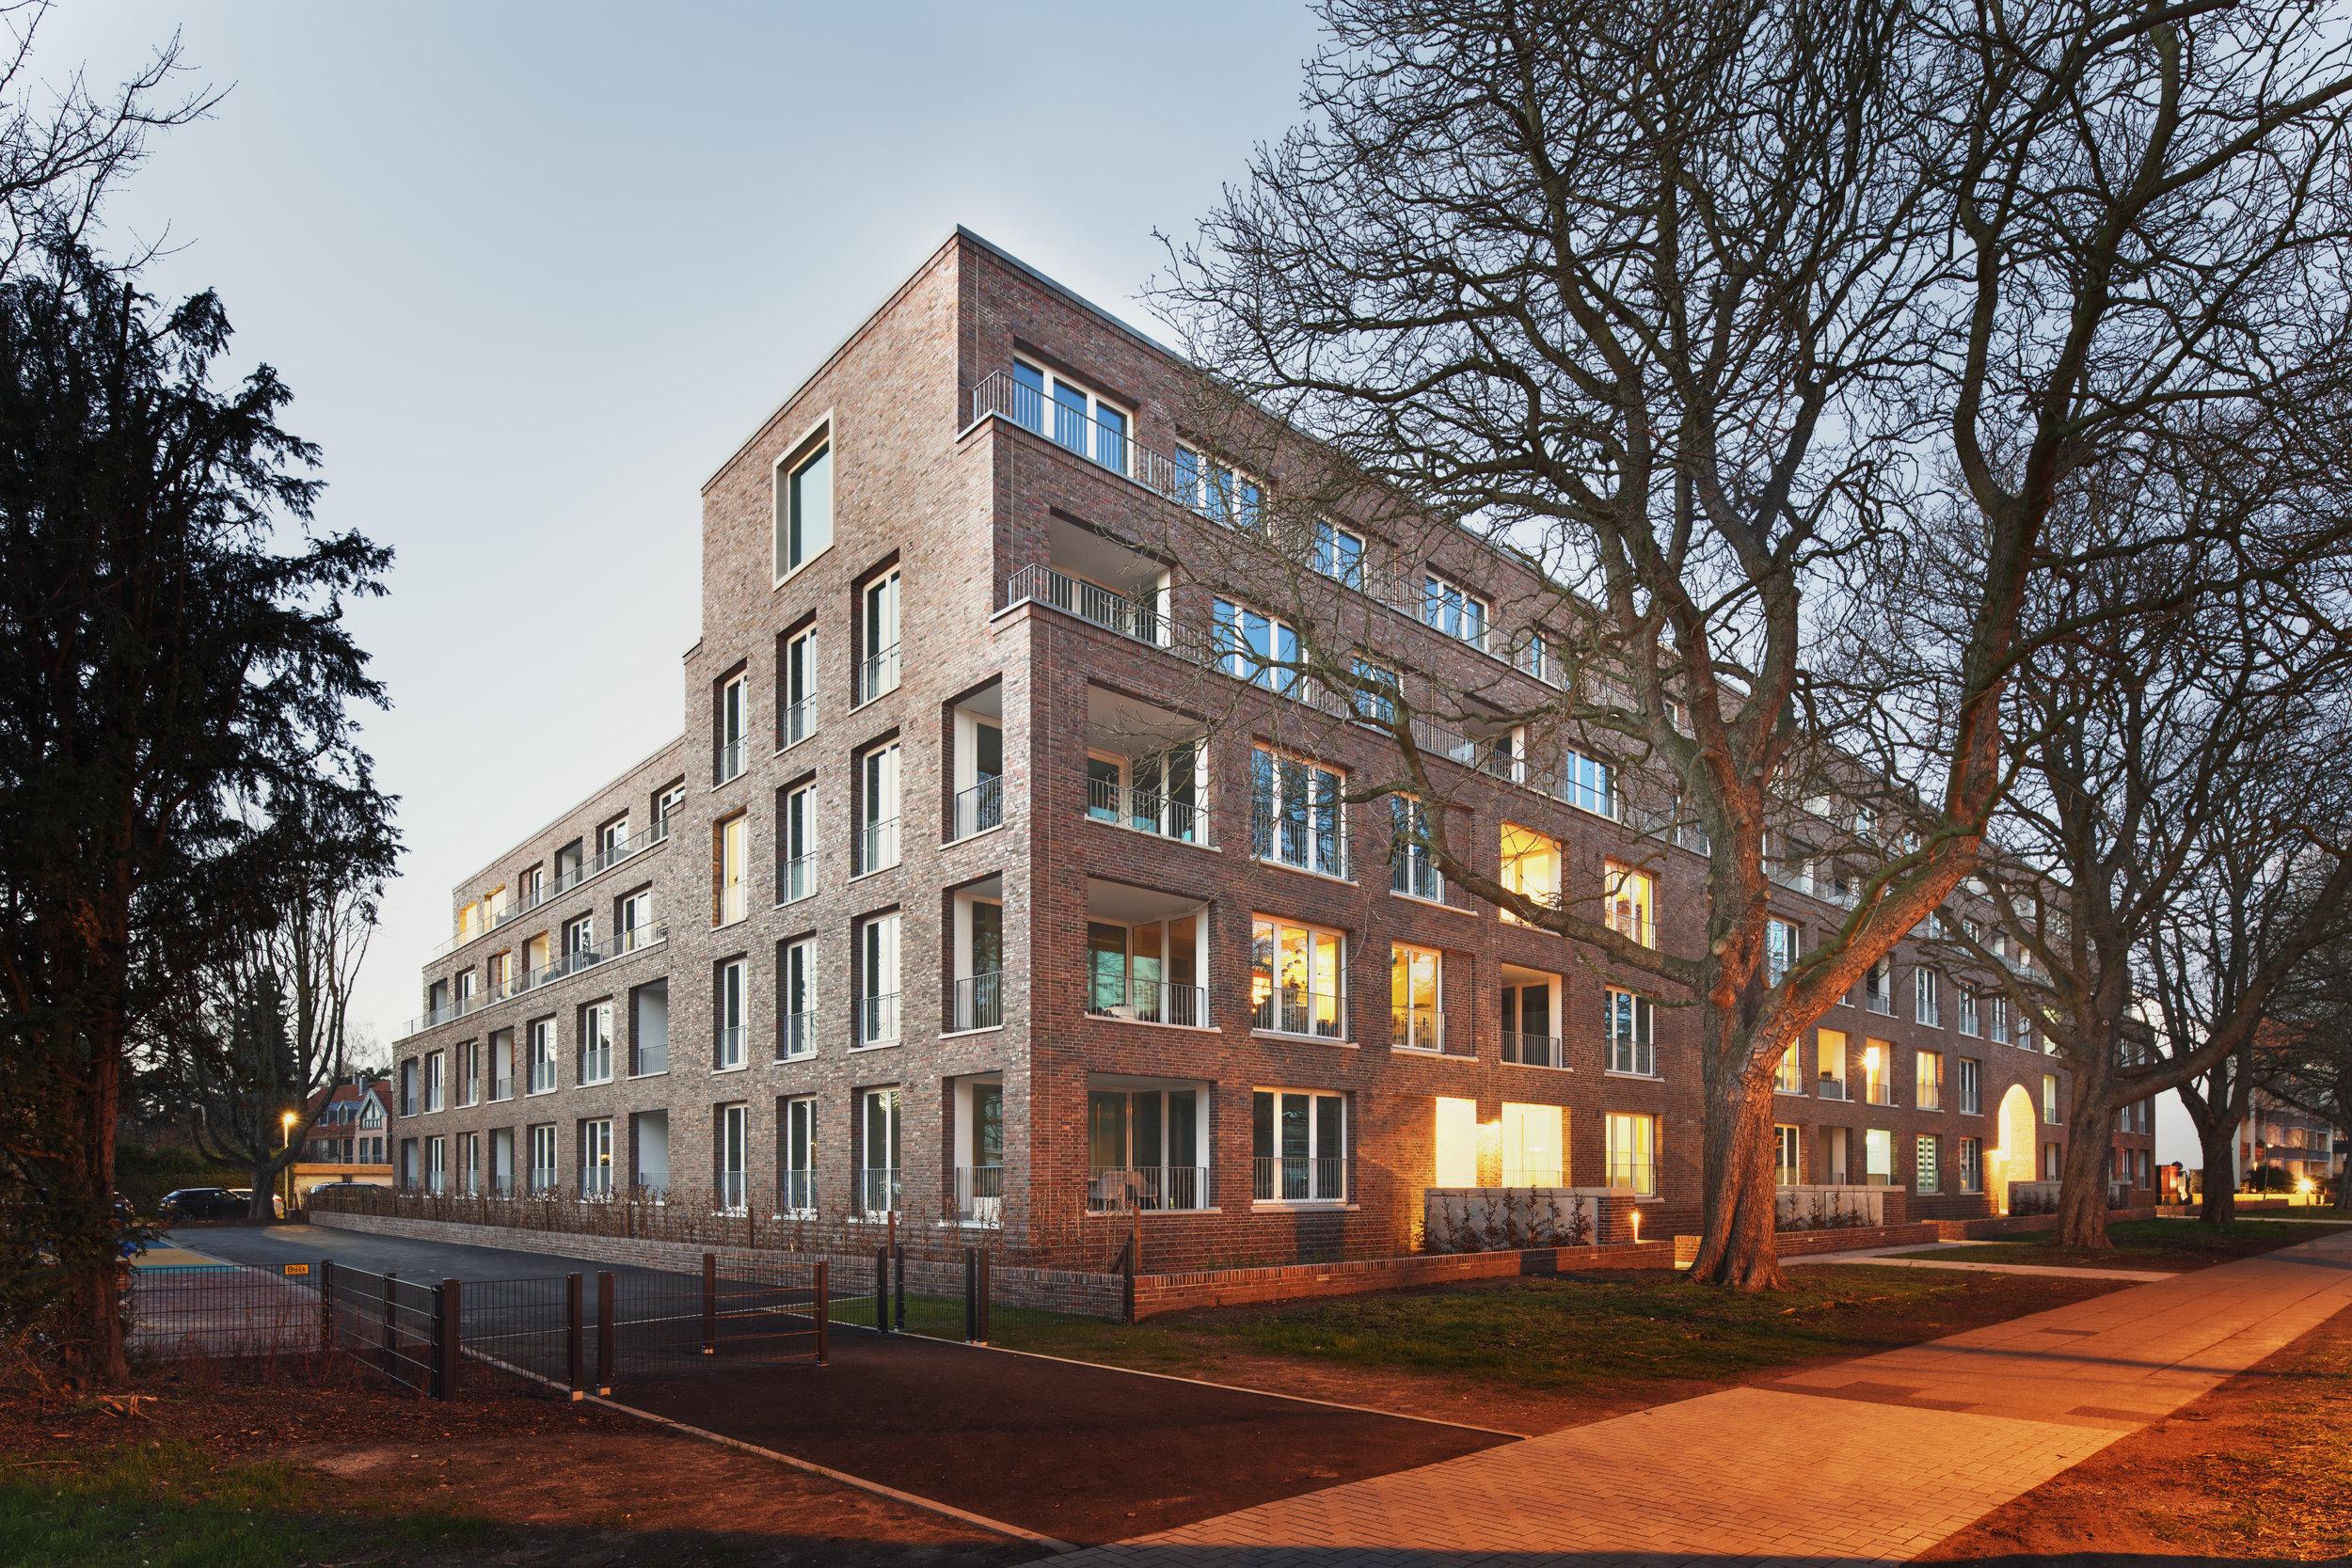 Architekturfoto: Wohnbebauung am Altenbekener Damm in Hannover, entworfen von gruppeomp architekten